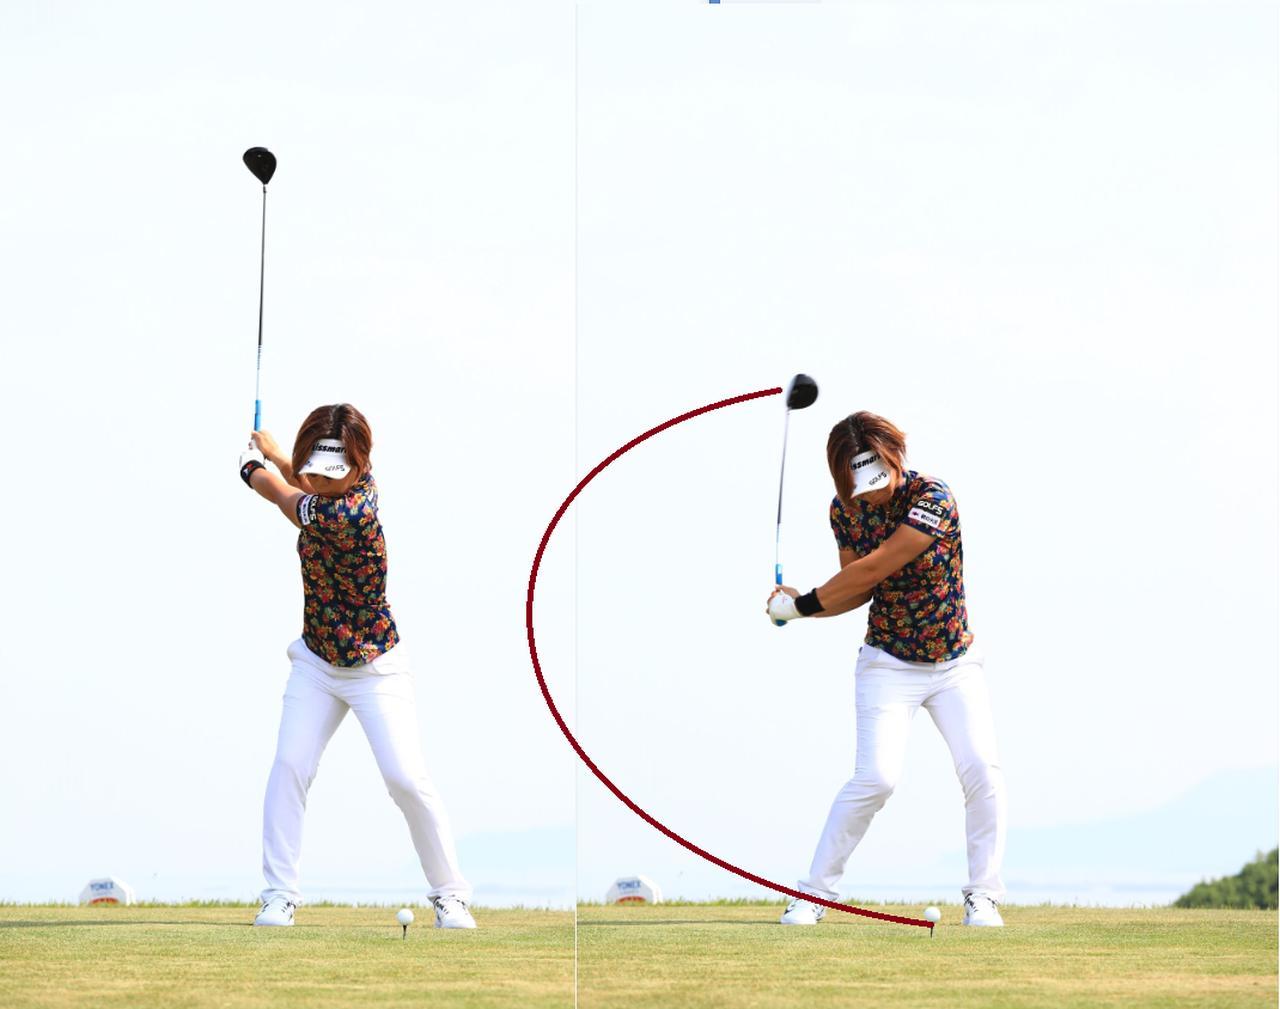 画像: テークバック(写真左)に注目! フェースを開く動きがまるでない! この動きがあるからこそ、切り返し以降、早い段階からボール叩ける動きになる